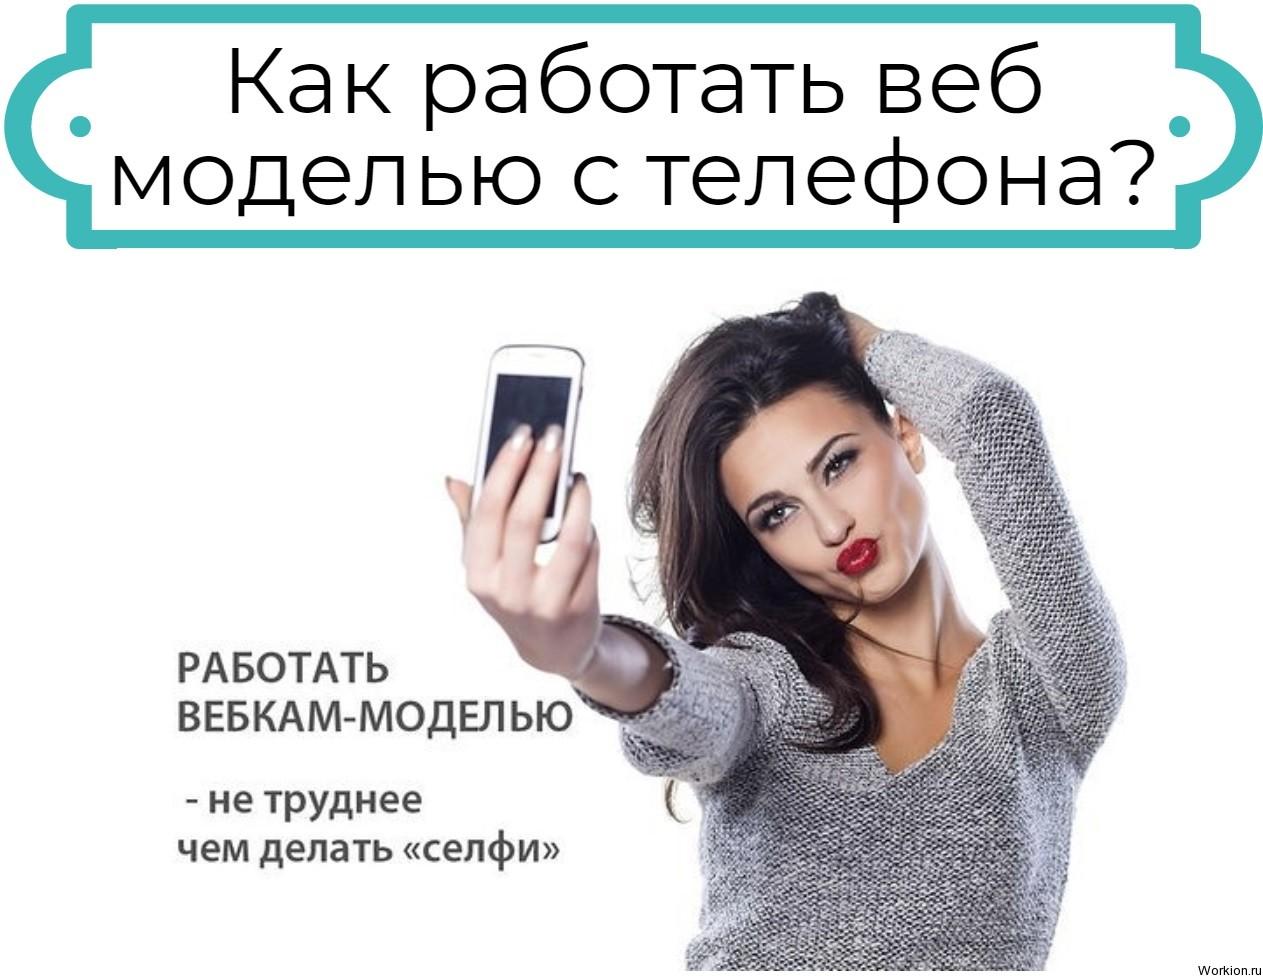 Работа веб моделью на дому с телефона работа в артёмовский